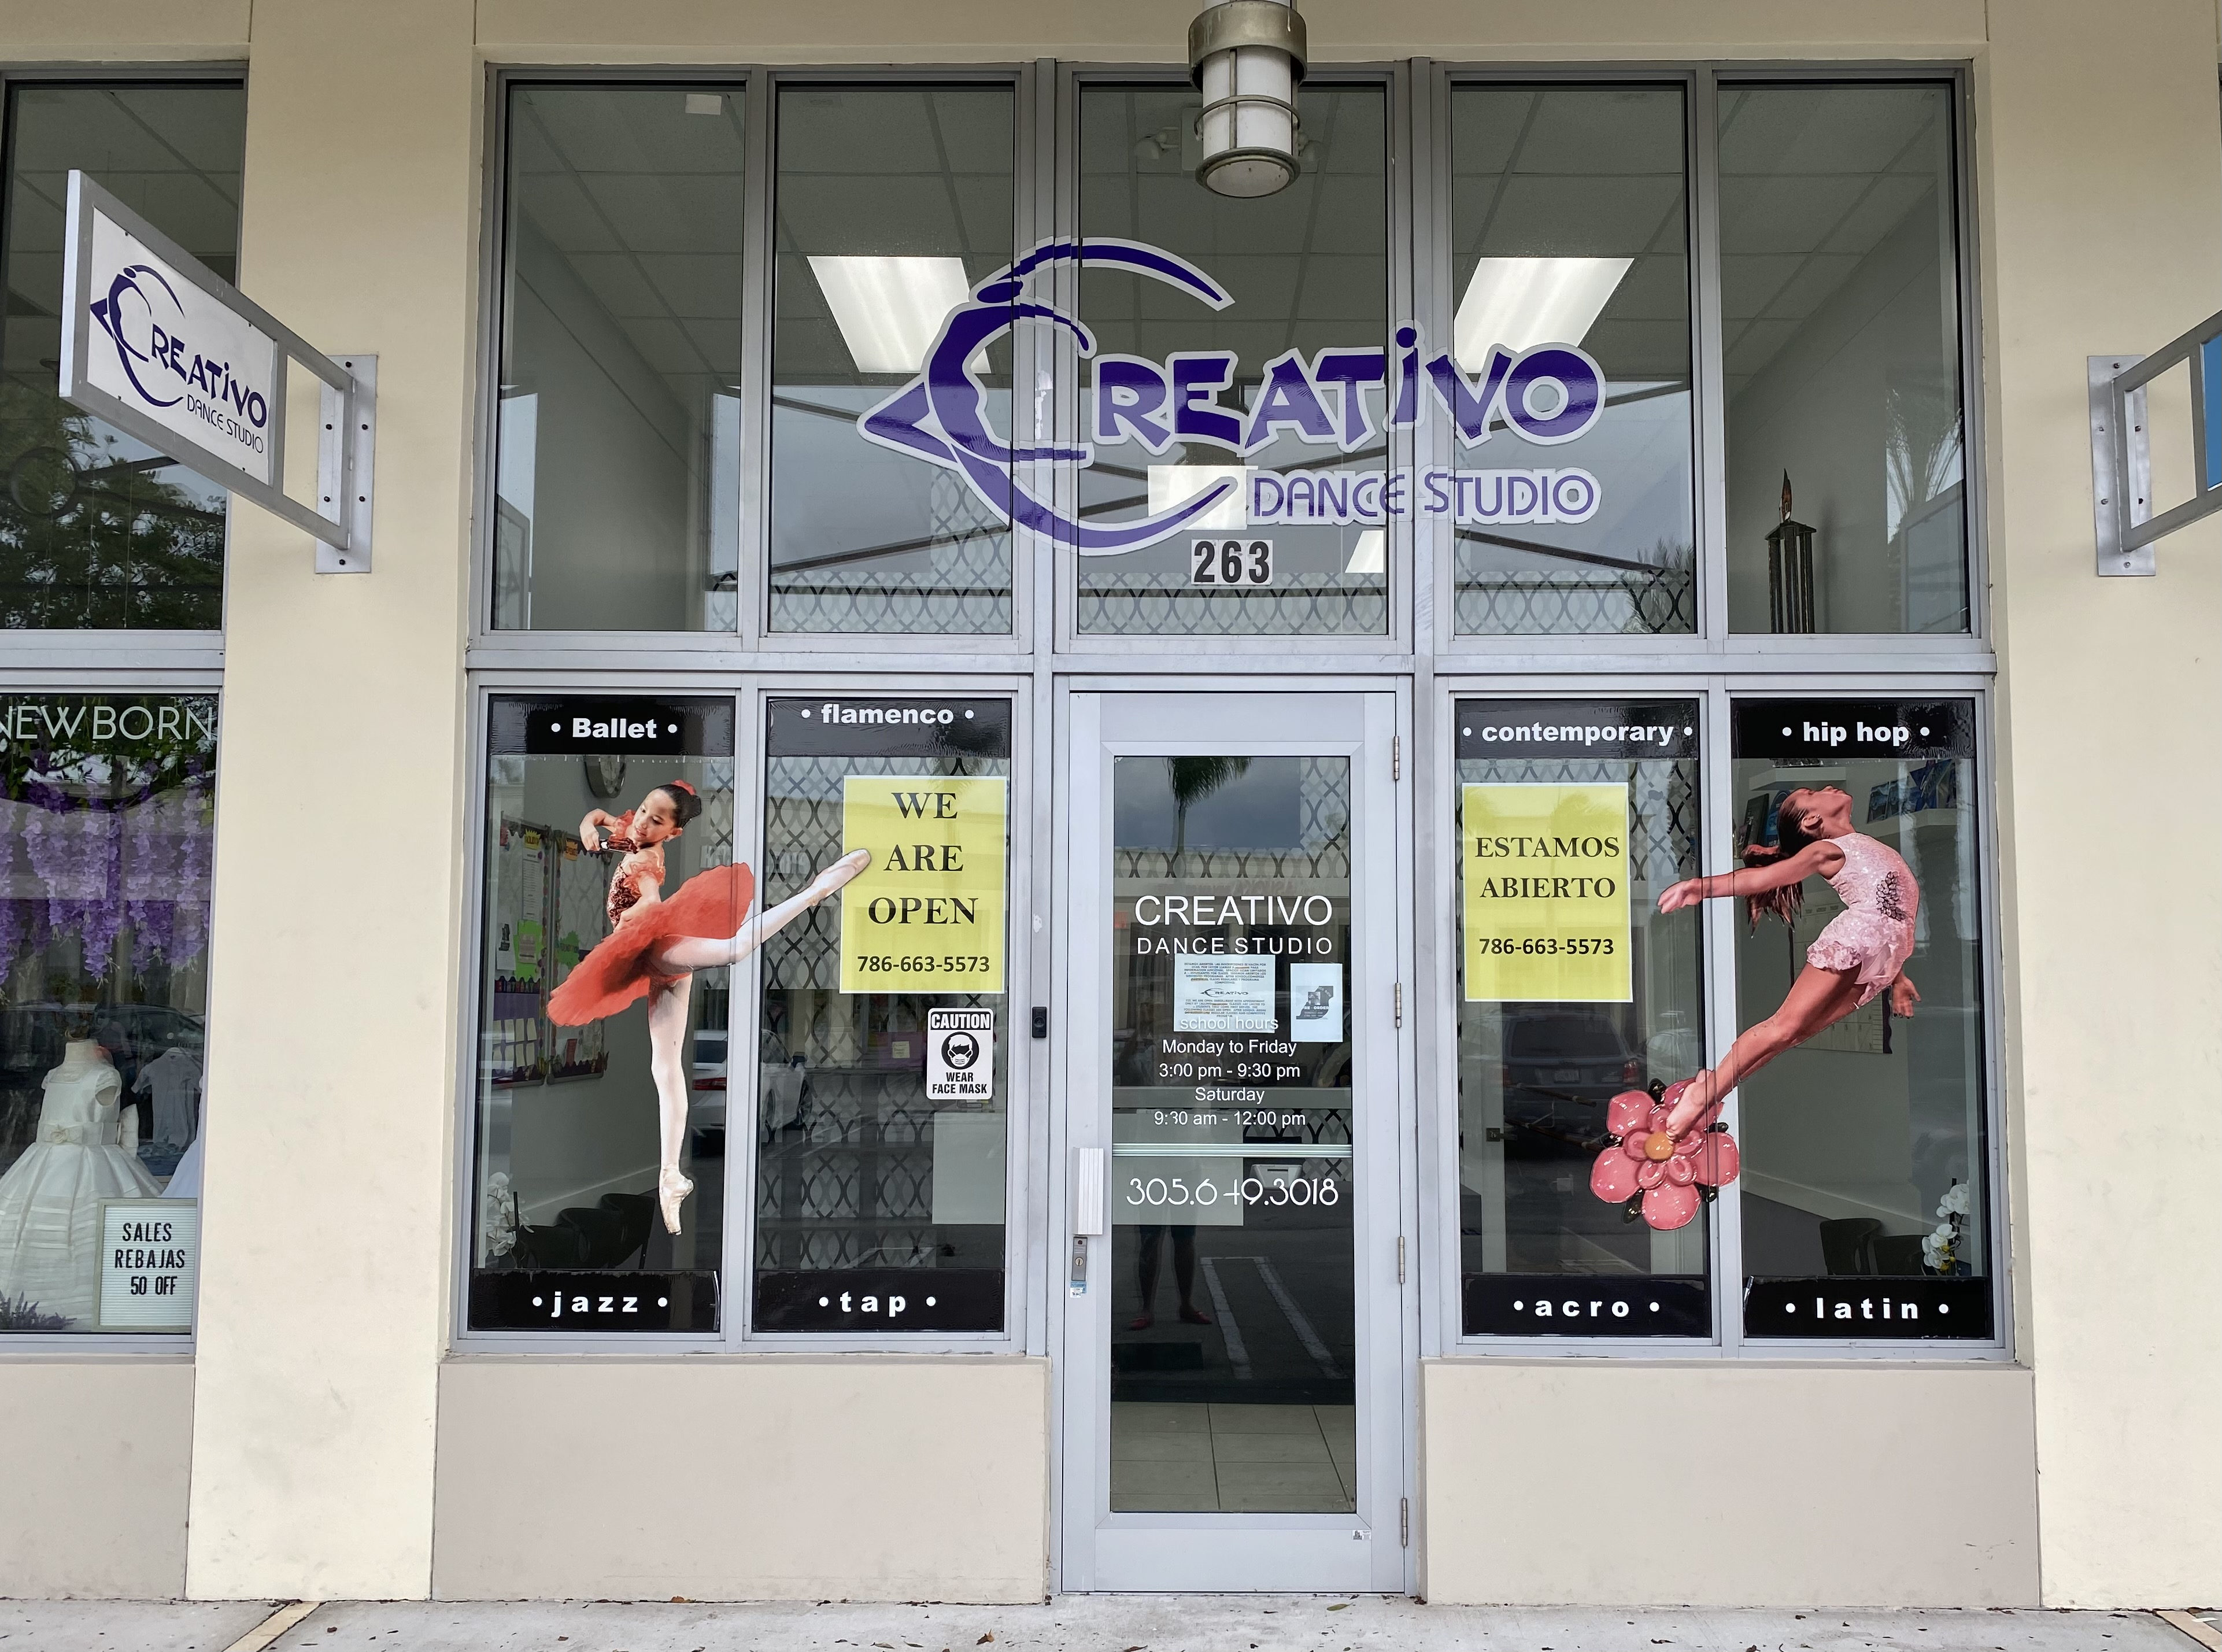 Storefront of Creativo Dance Studio on 82nd Avenue in Miami